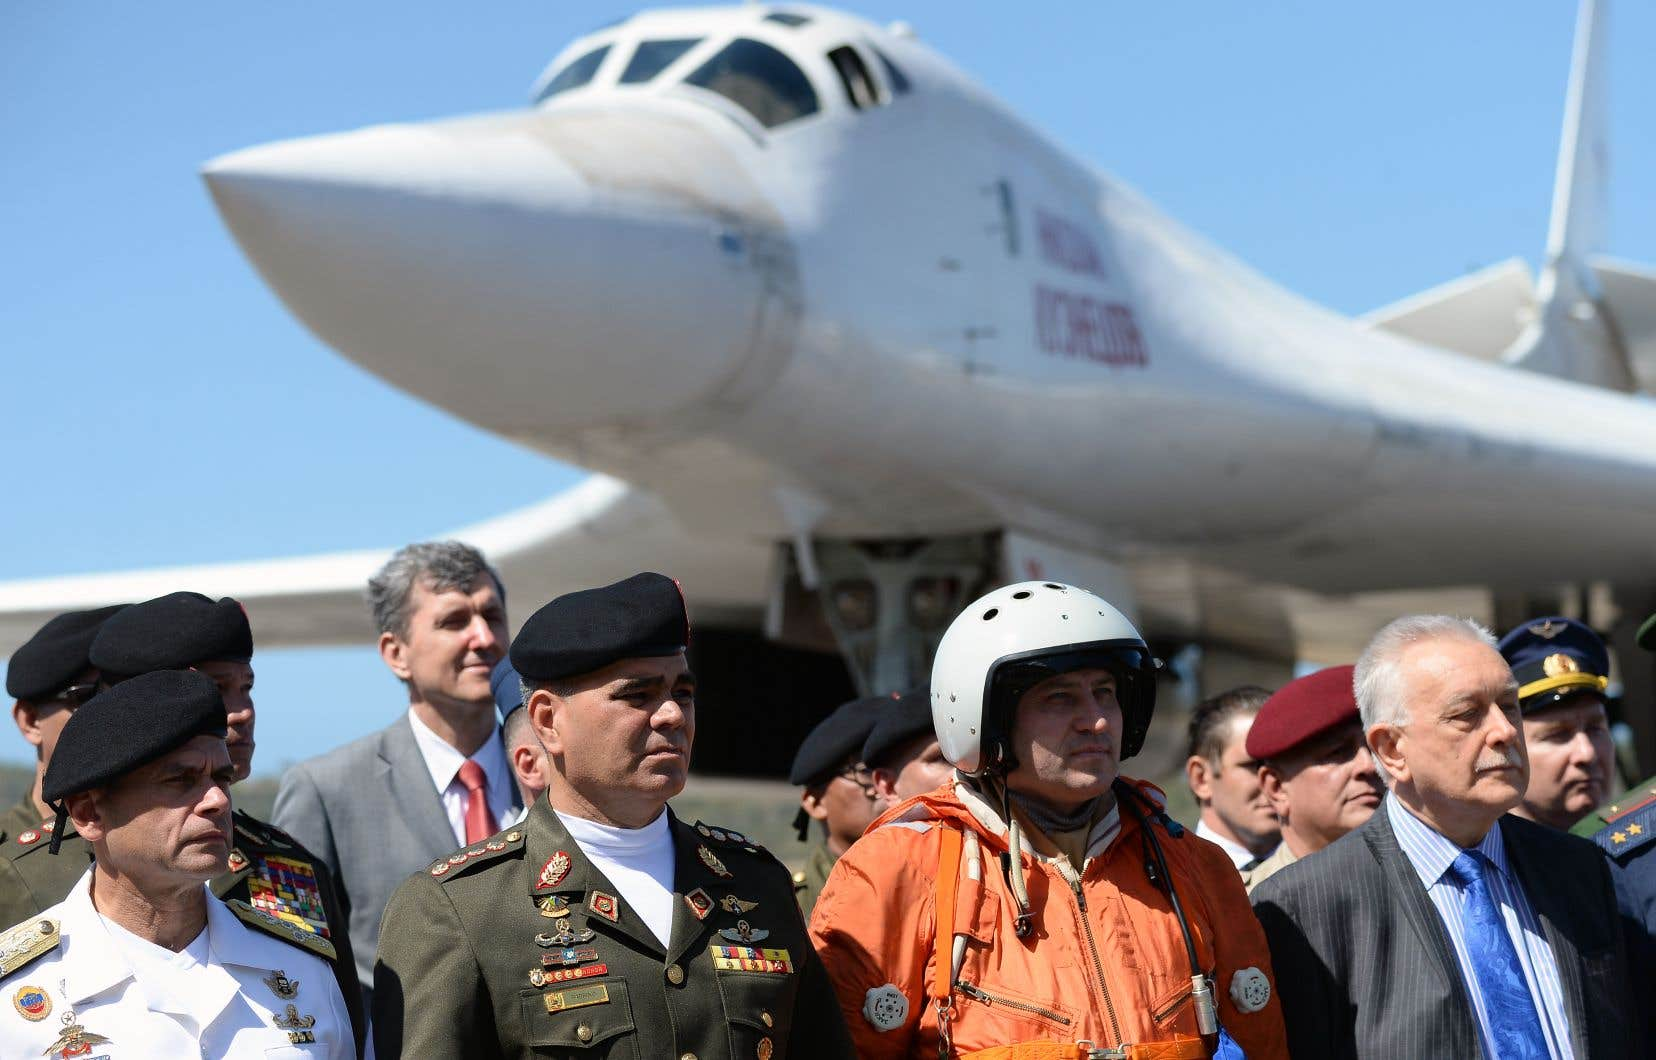 Le ministre vénézuélien de la Défense, Vladimir Padrino (le deuxième à partir de la gauche), a été photographié à l'occasion de l'arrivée de deux bombardiers russes à l'aéroport de Maiquetía - Simón Bolívar, situé au nord de Caracas, le 10décembre dernier.